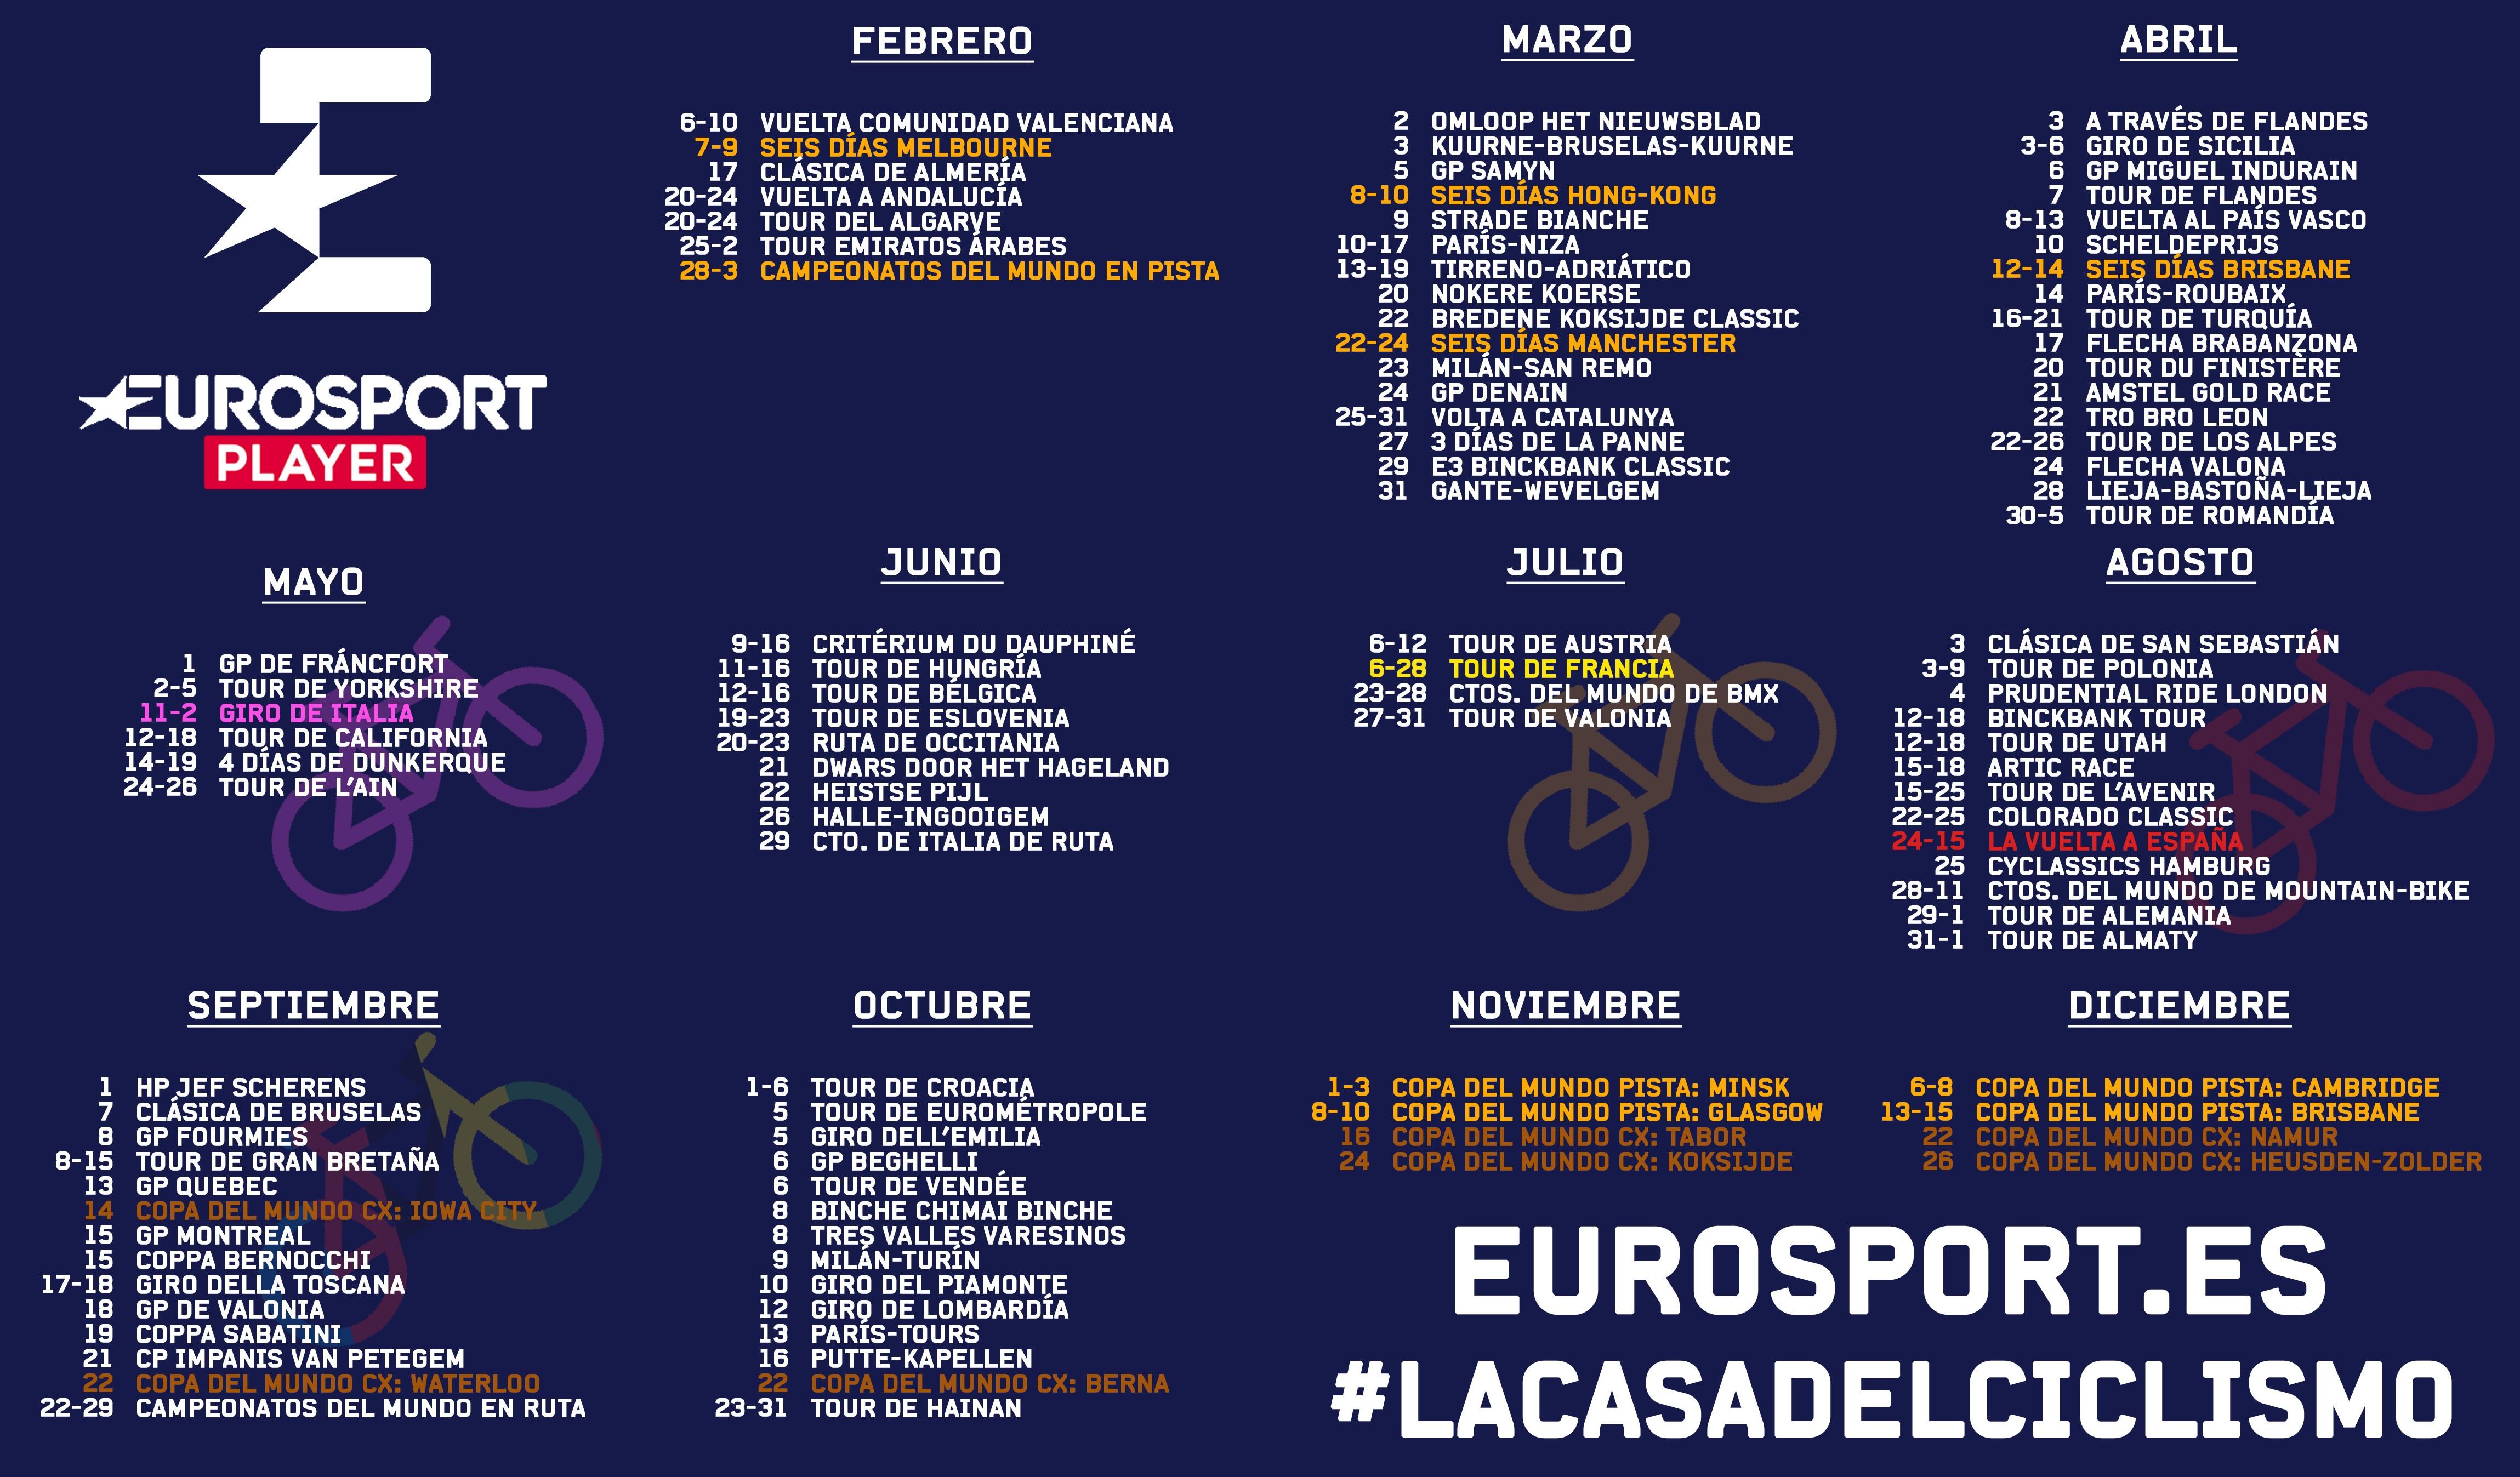 Calendario Ciclismo Eurosport 2019